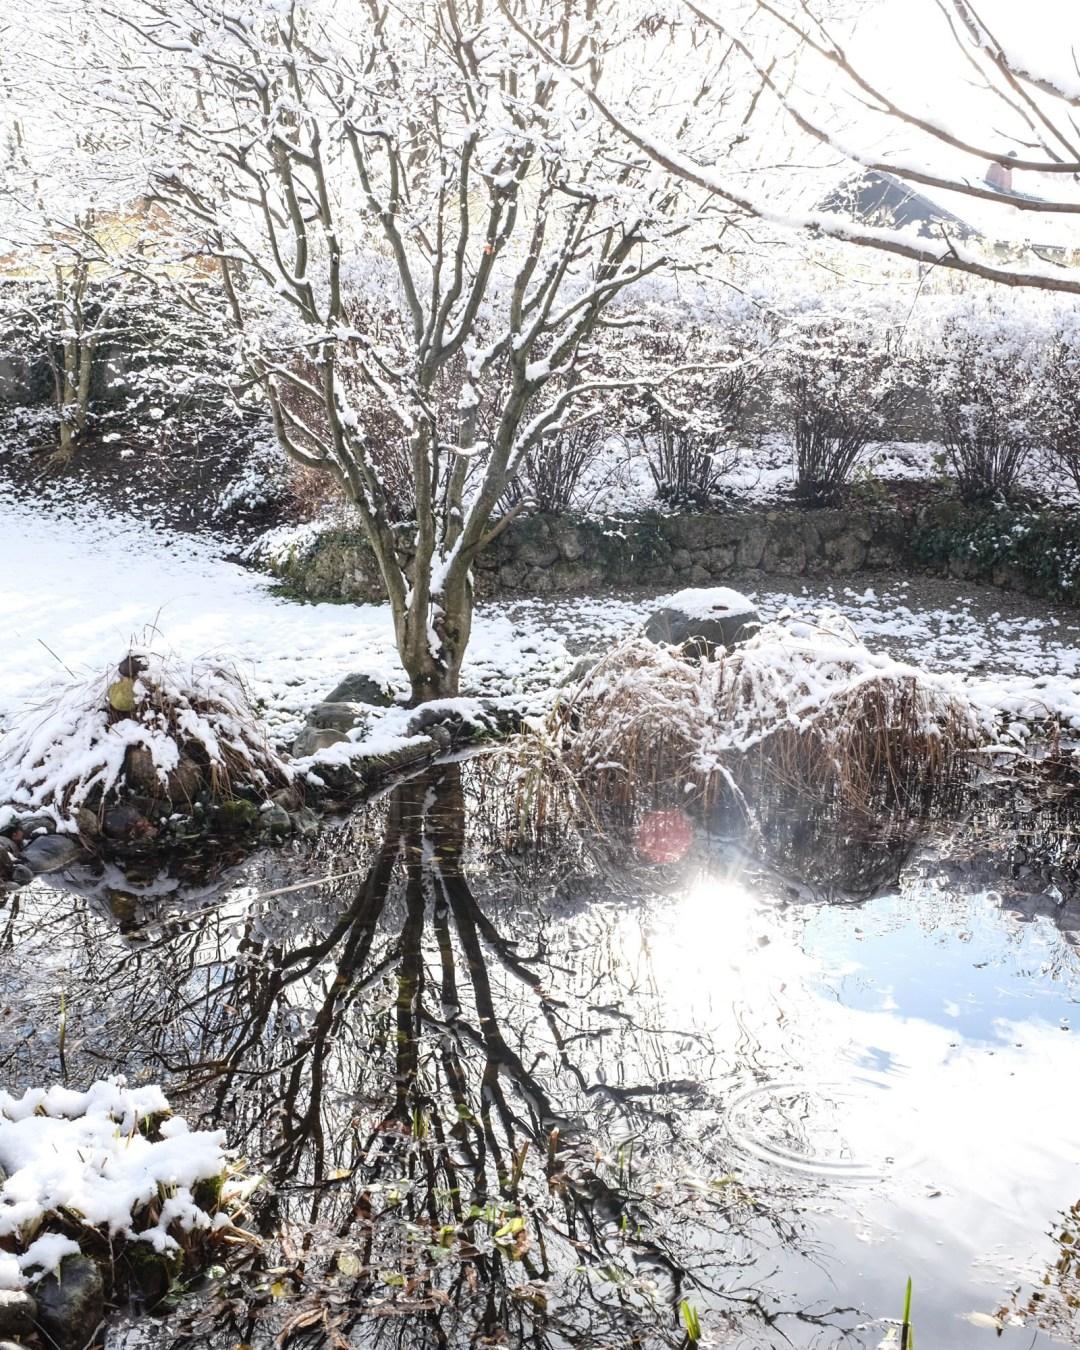 ina stil inastil advent keksebacken garten schnee wintergarten gartenteich gartenliebe winterzauber winterwonderland christmastime weihnachtszeitDSCF0690